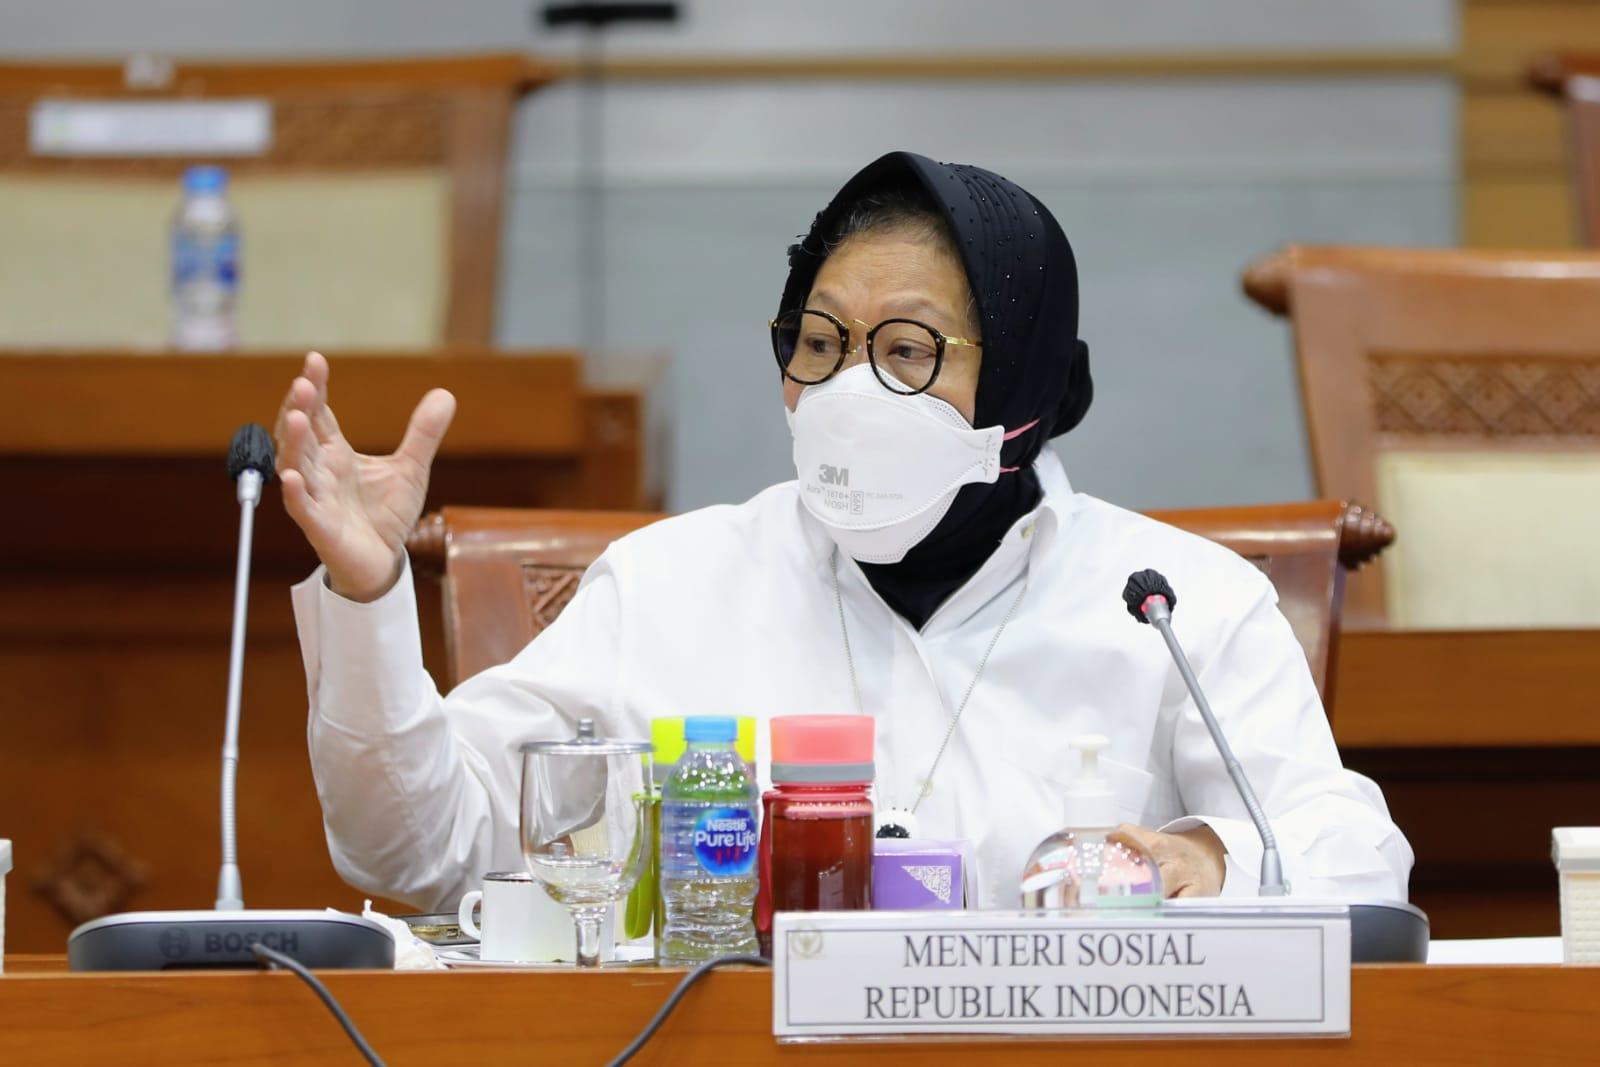 Tugas Penanganan Dampak Pandemi Masih Dibutuhkan, Komisi VIII DPR Dukung Peningkatan Anggaran Kemensos